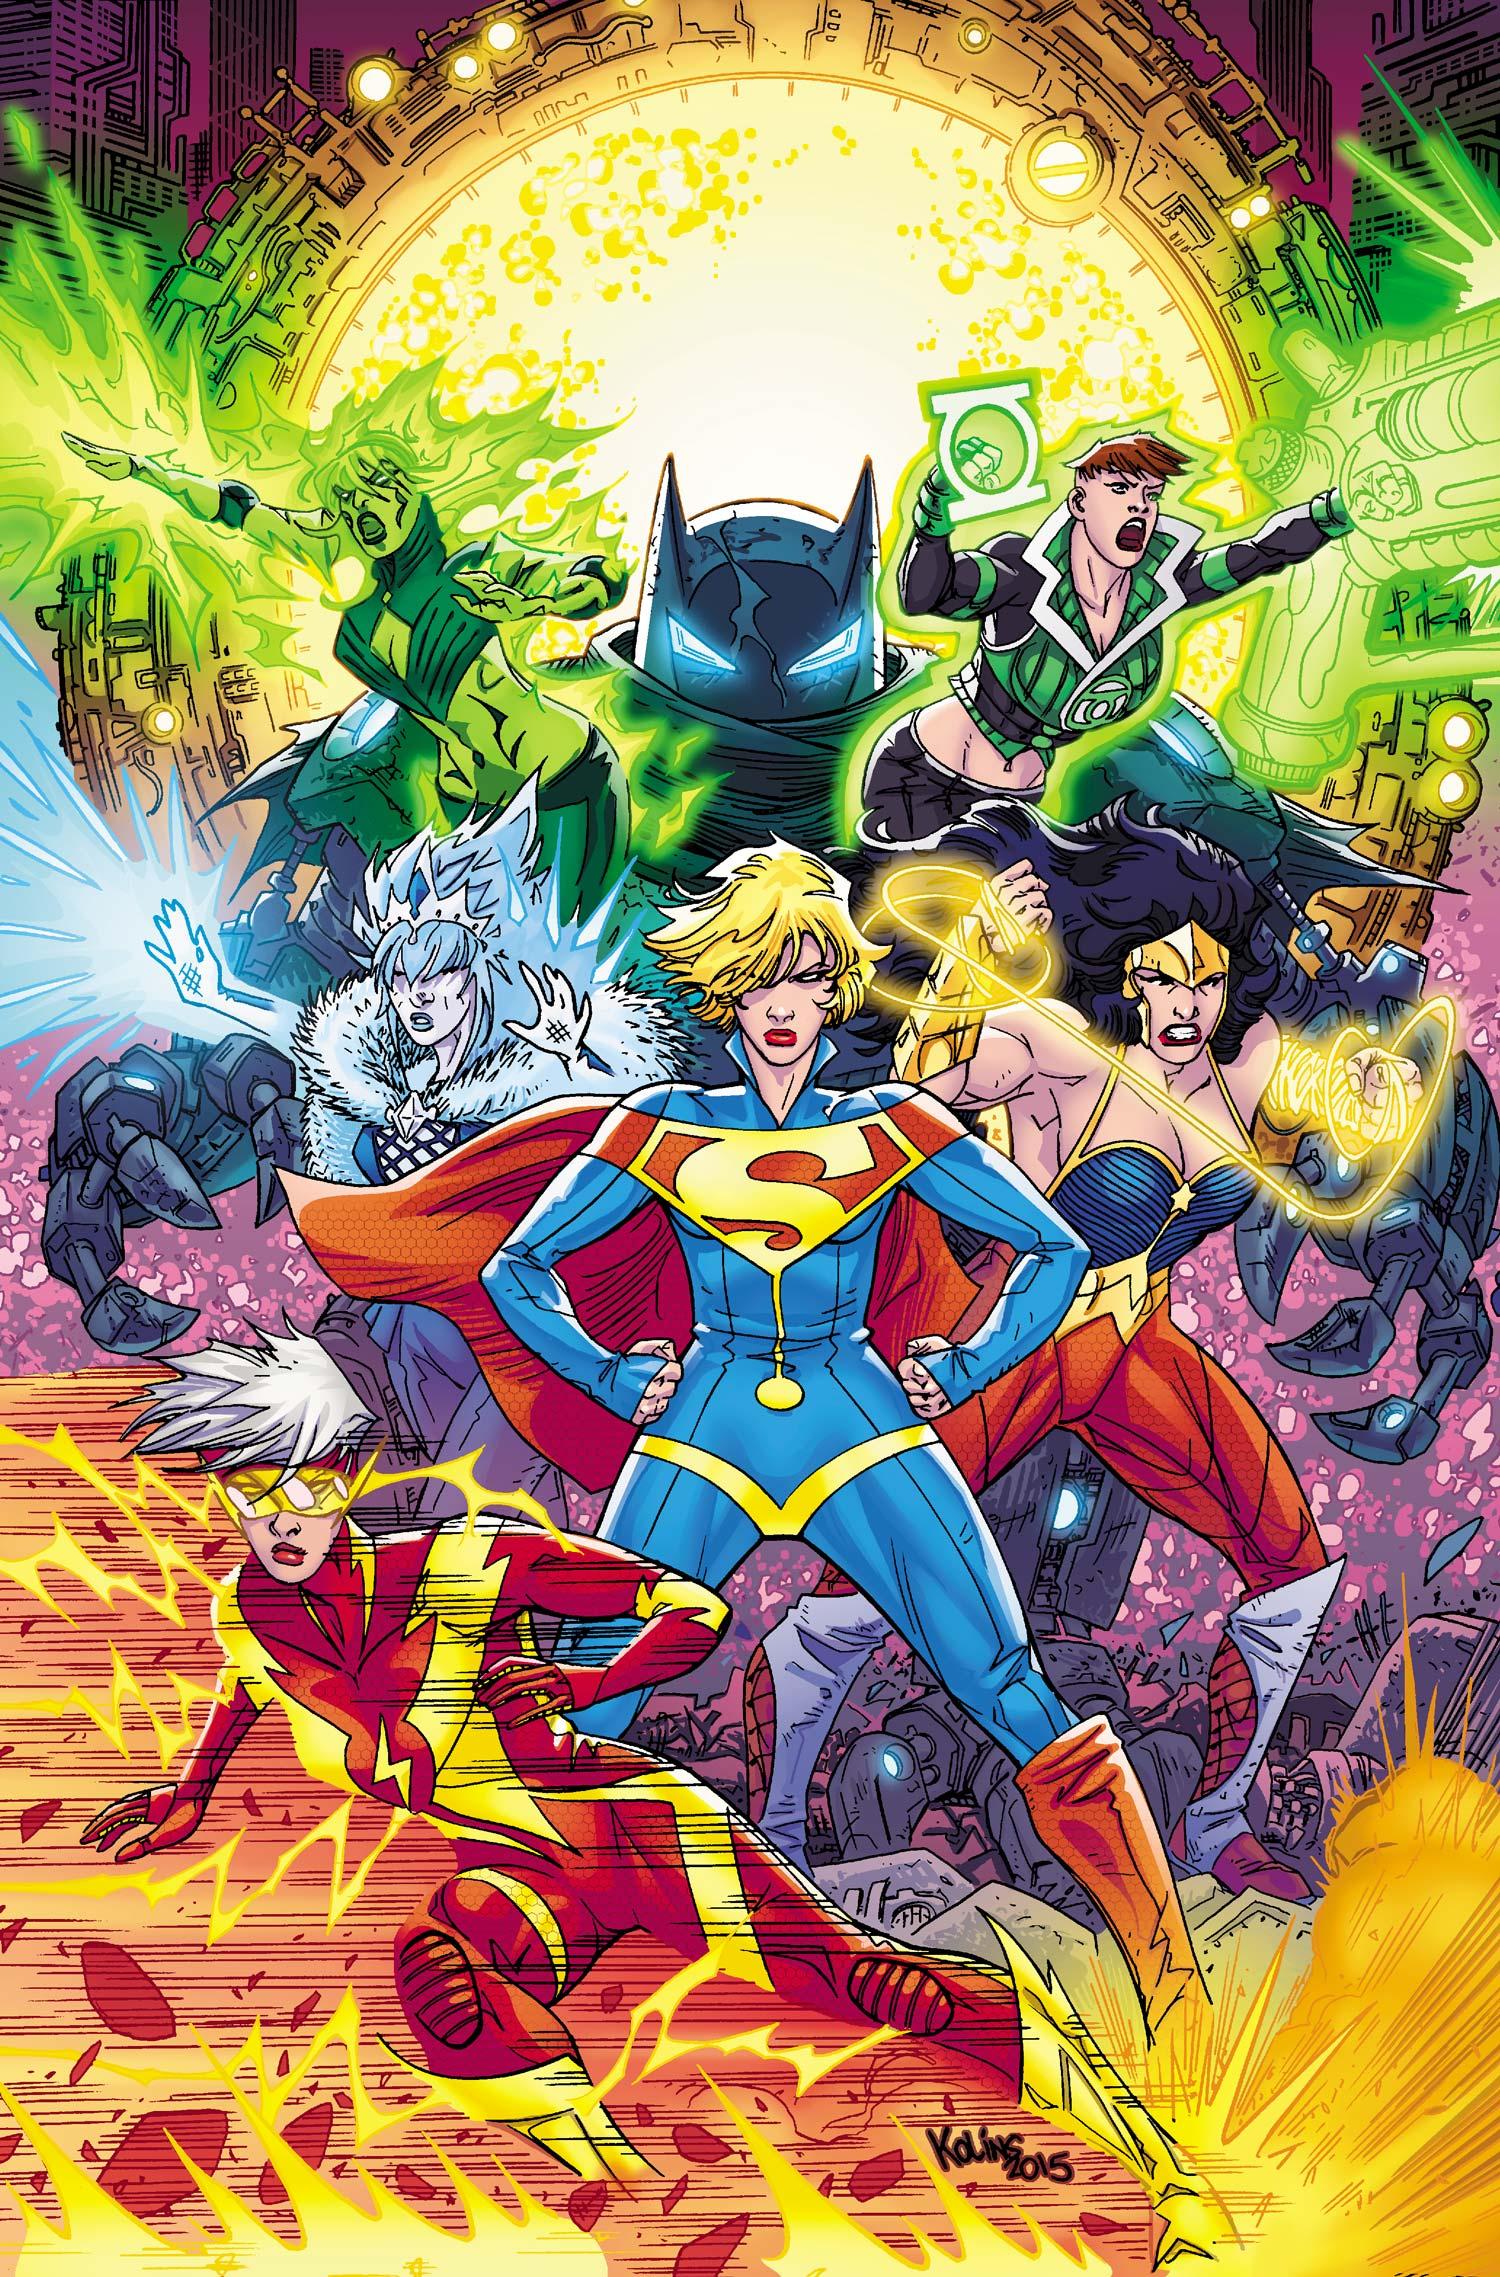 Justice League (Justice League 3000)